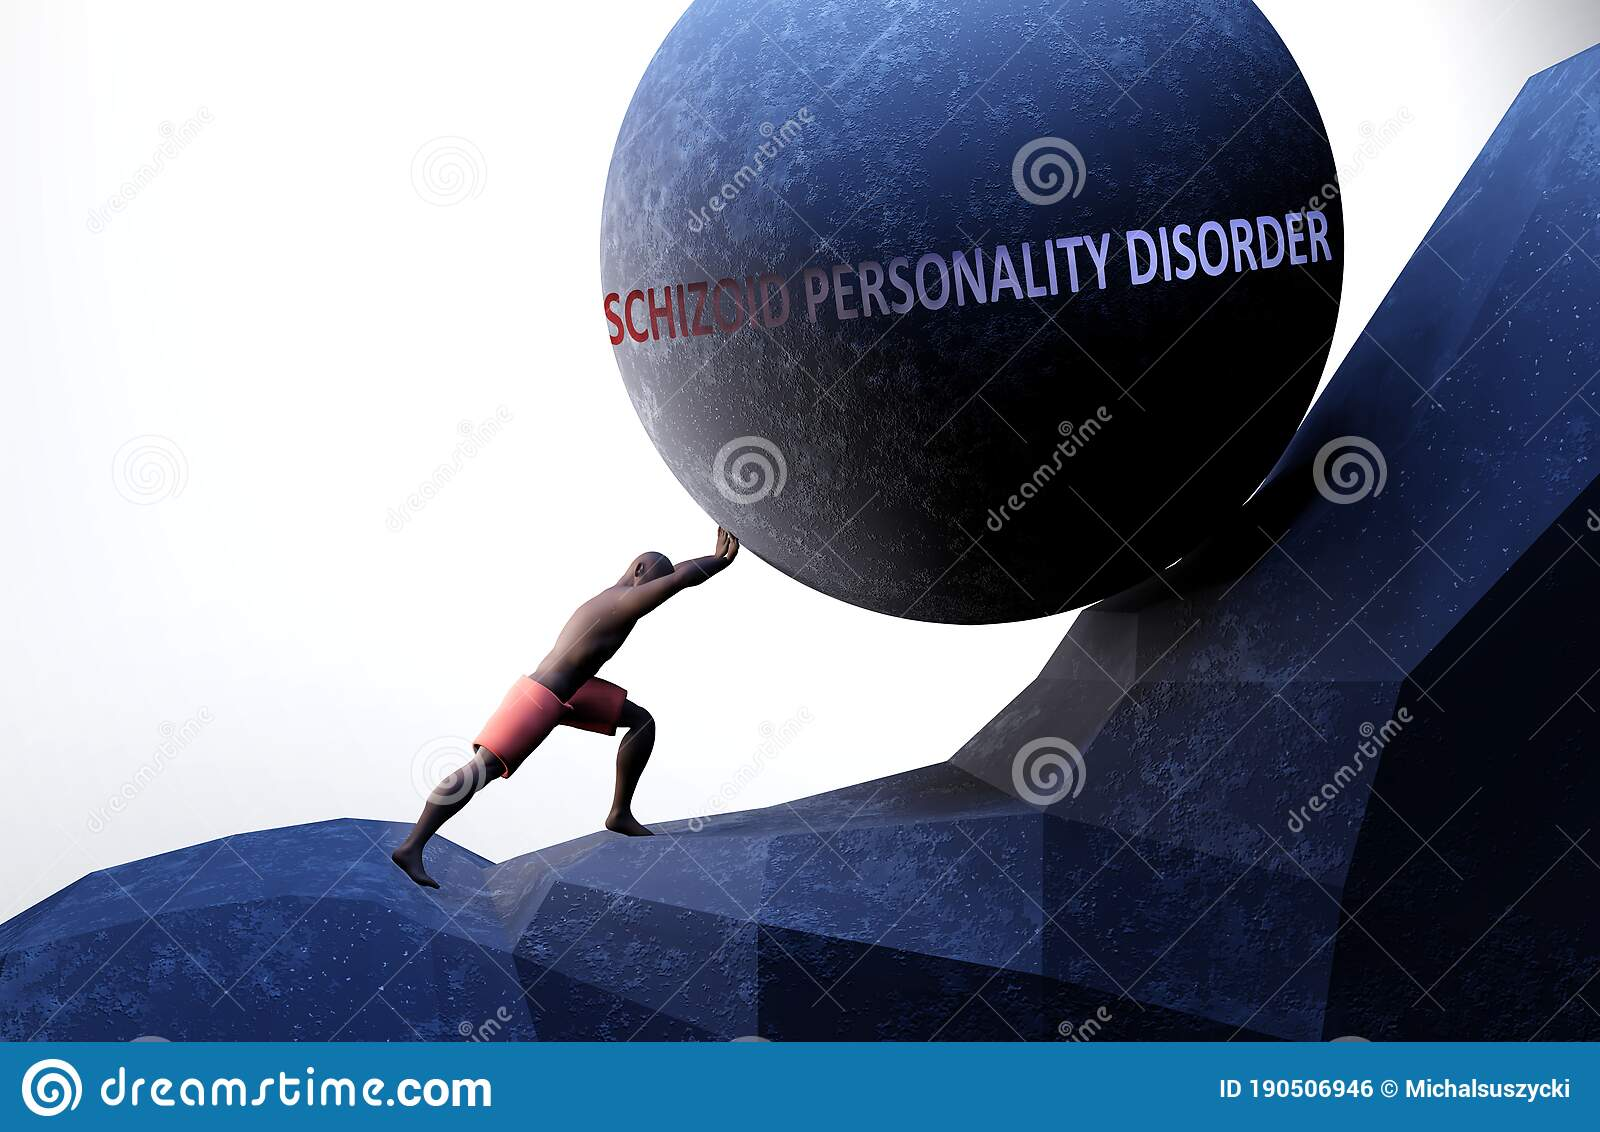 Persönlichkeitsstörung schizoide Schizoide Psychopathie,